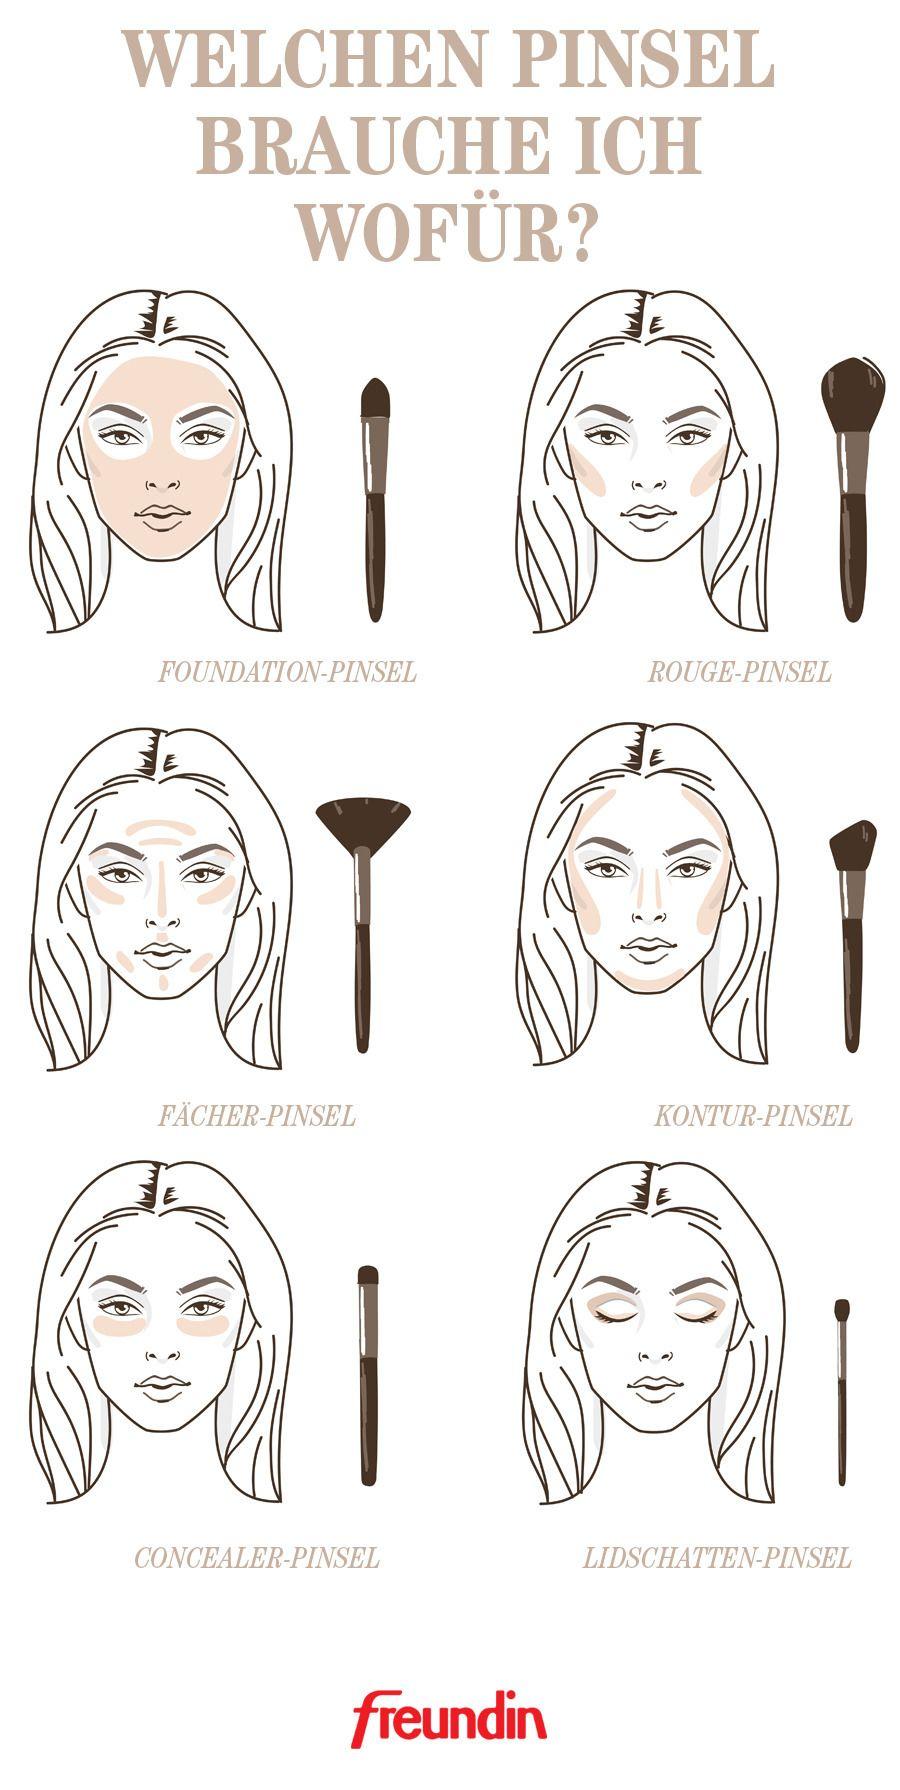 De quel pinceau de maquillage ai-je besoin pour quoi? | freundin.de